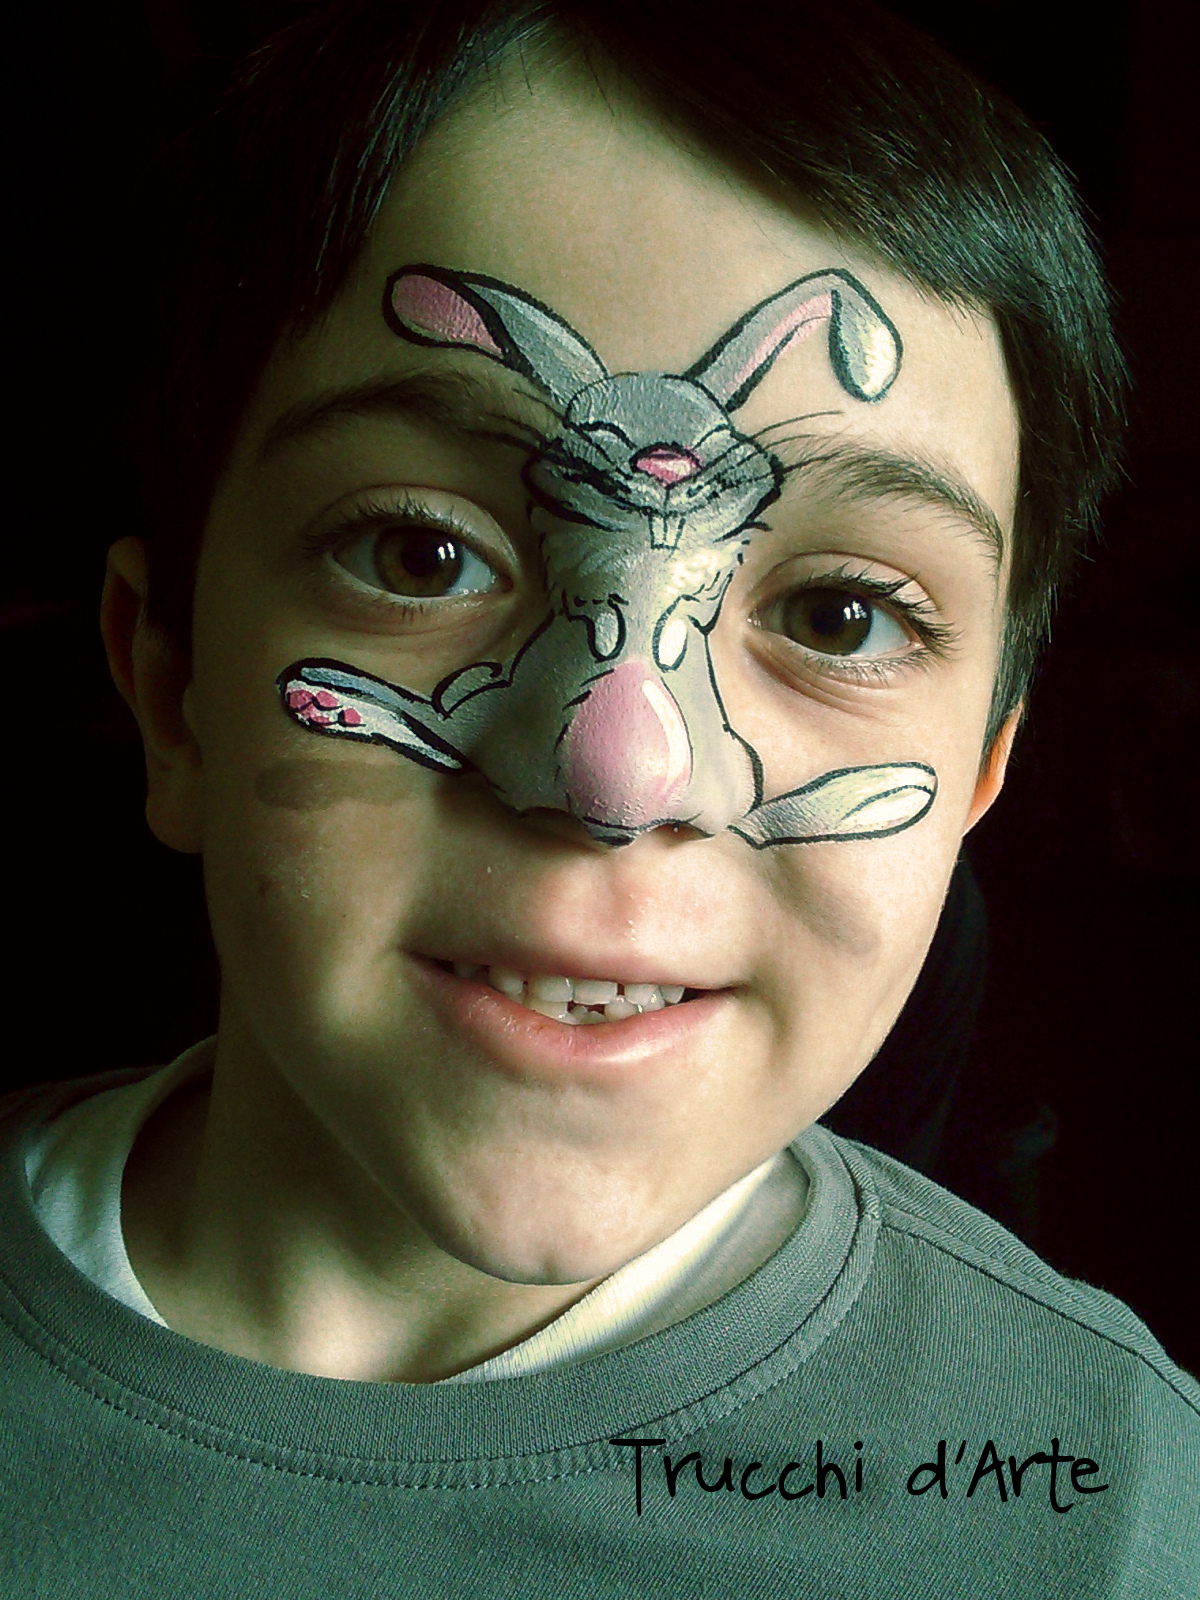 Super Bunny PP2 - Trucchi d'Arte FC74